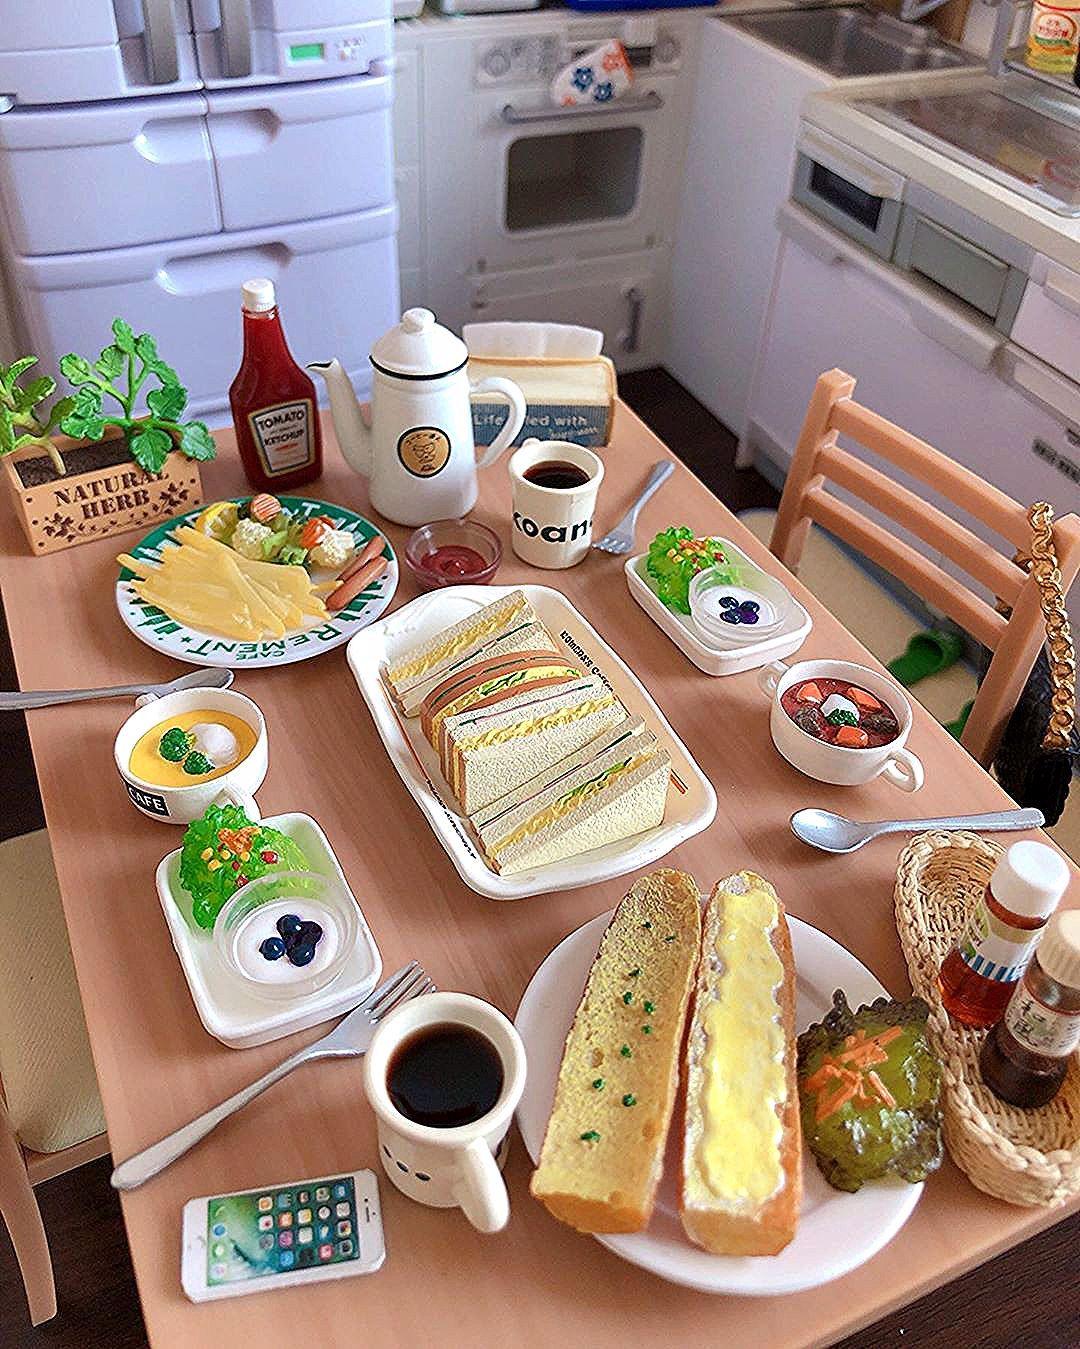 """W1818188 on Instagram: """"🌤 早安~吃早餐嘍! ☕️🥗🥪🥖🍟 - - - - #rement #rementjapan  #早餐 #三明治 #朝食  #美味しい #可愛い  #ミニチュア #ミニチュアフード  #ぷちサンプル #ぷちサンプルシリーズ  #ドールハウス #リーメント #迷你 #微型 #食玩…"""""""